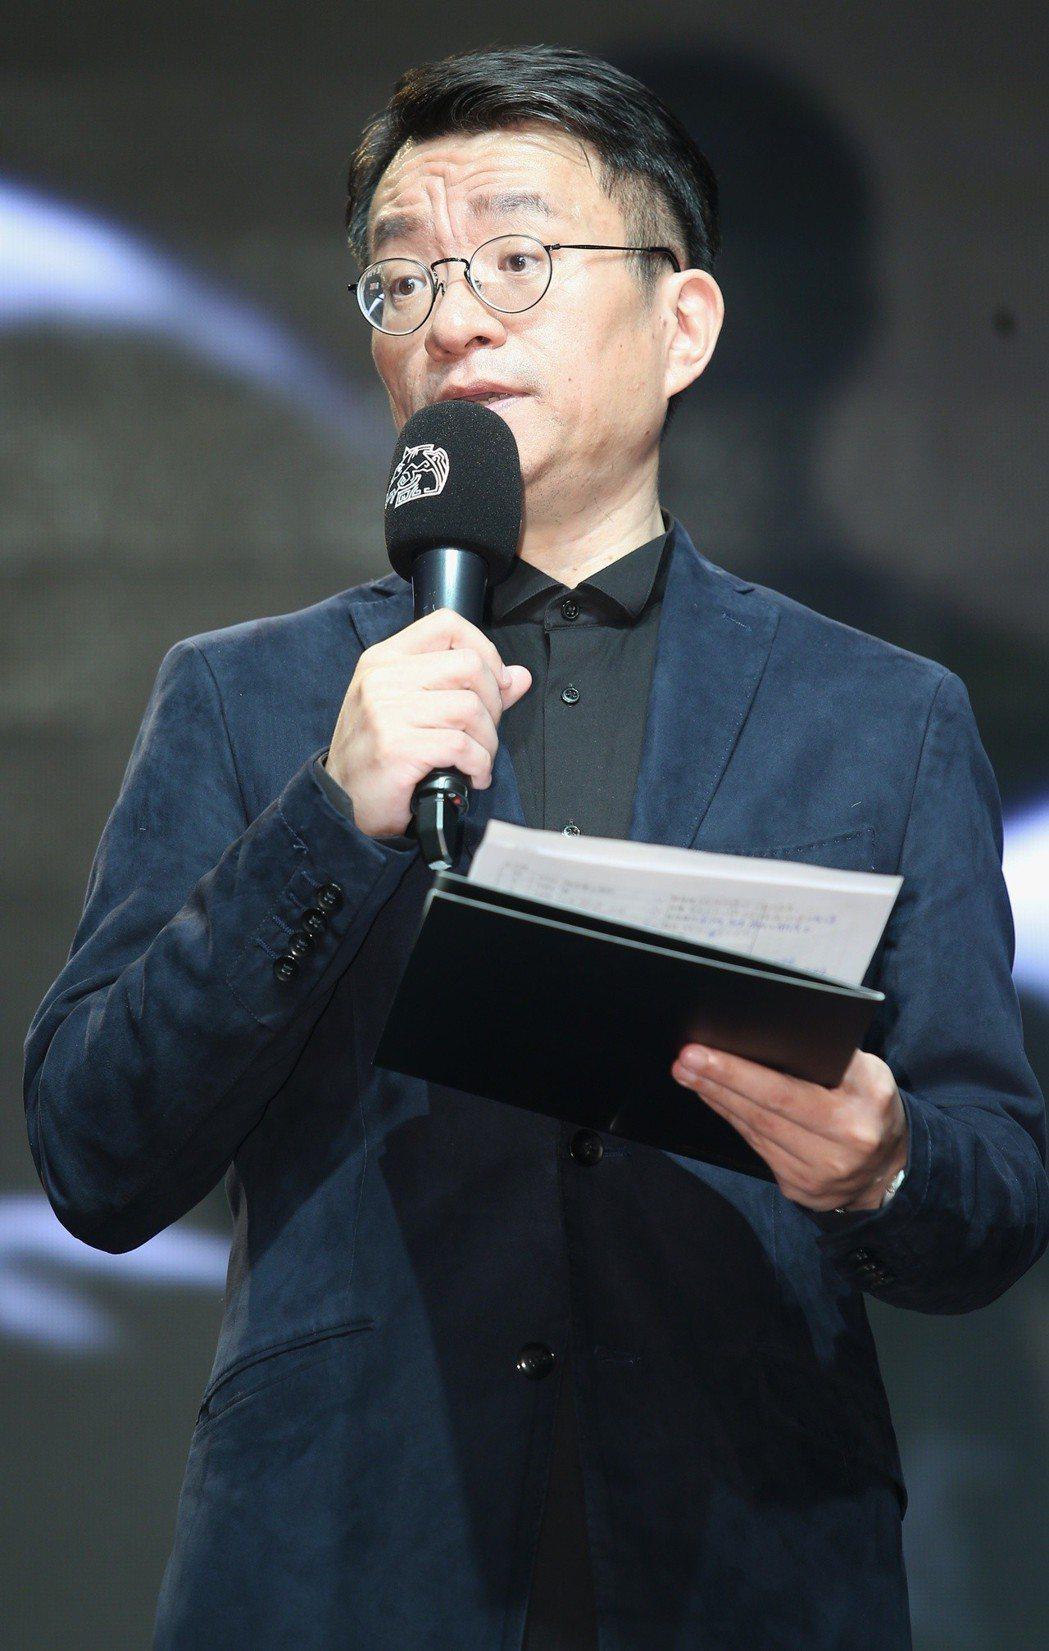 第55屆金馬獎入圍公布晚上舉行,金馬執行長聞天祥向媒體說明票選過程。記者陳正興/...